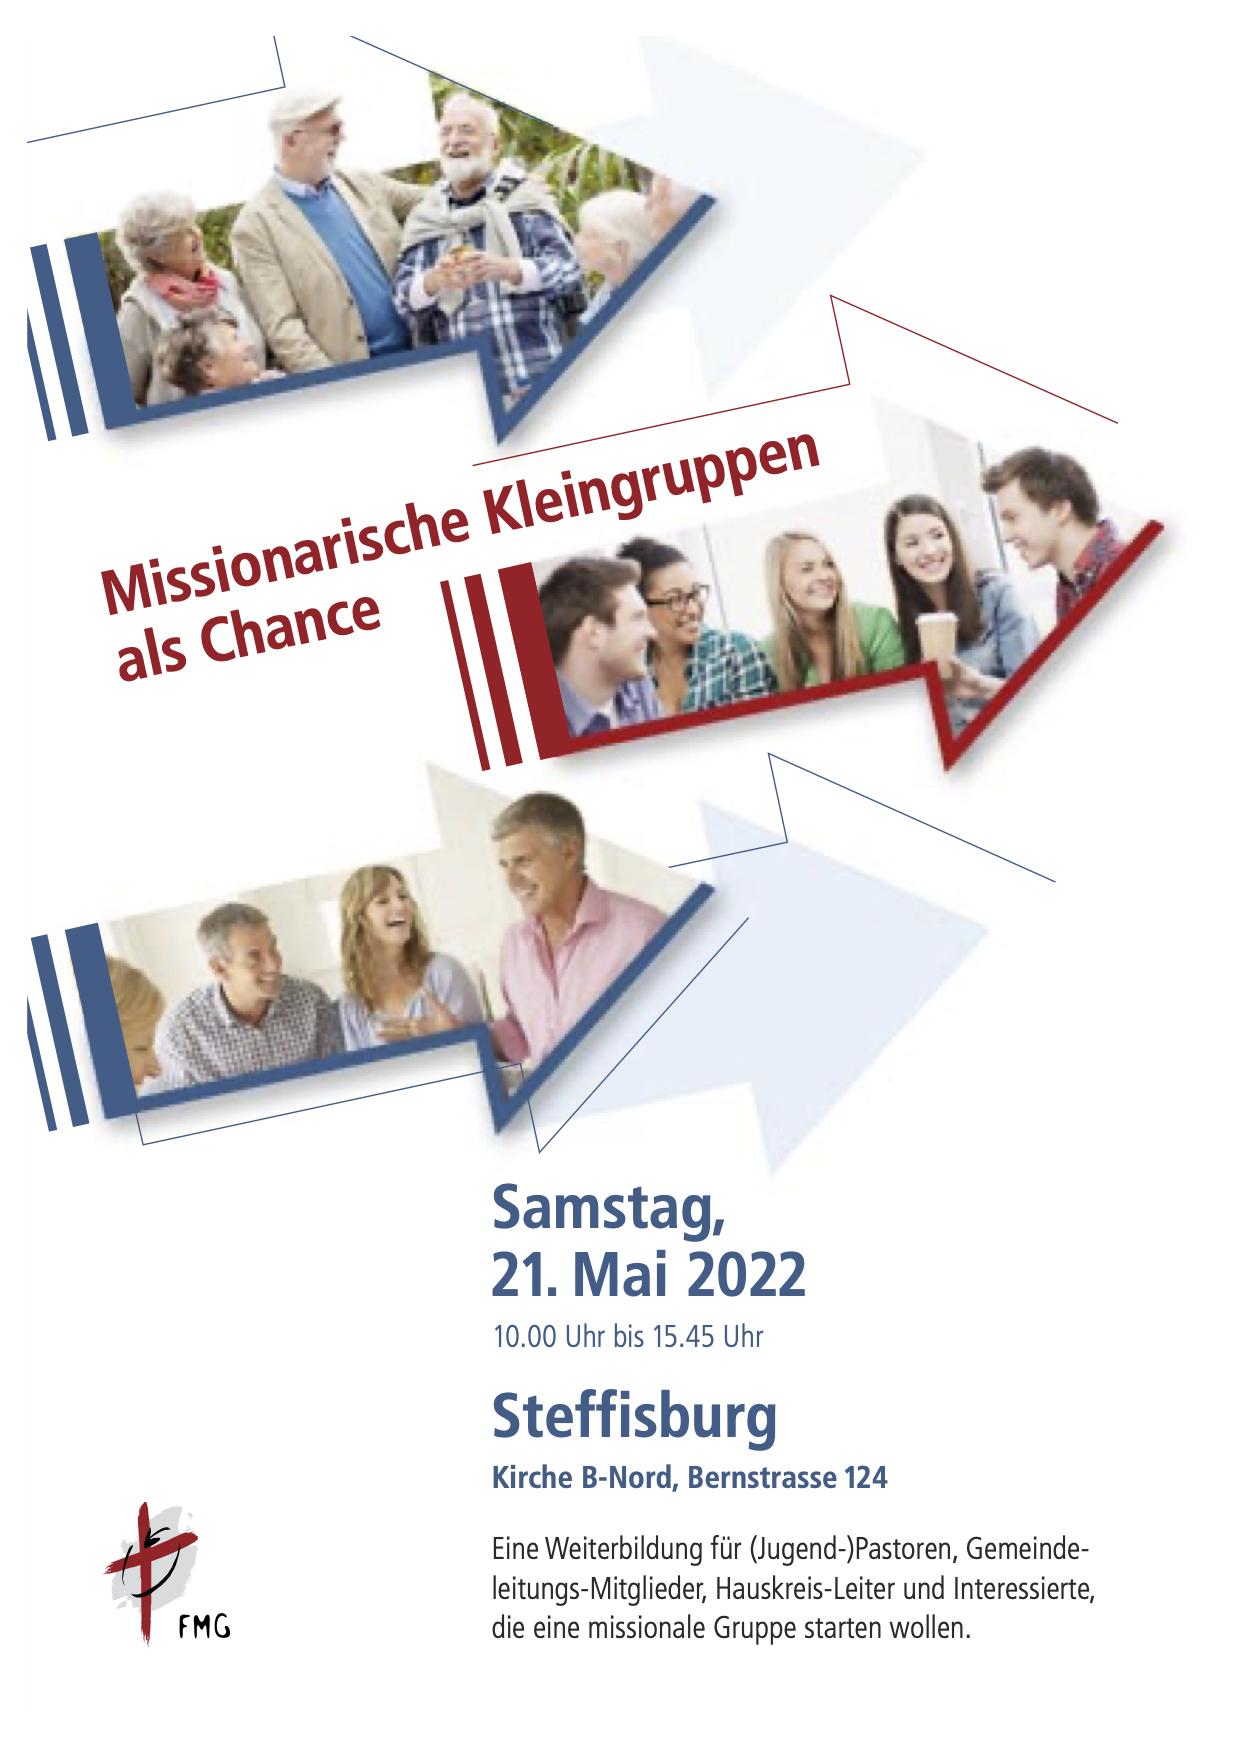 Missionarische Kleingruppen als Chance